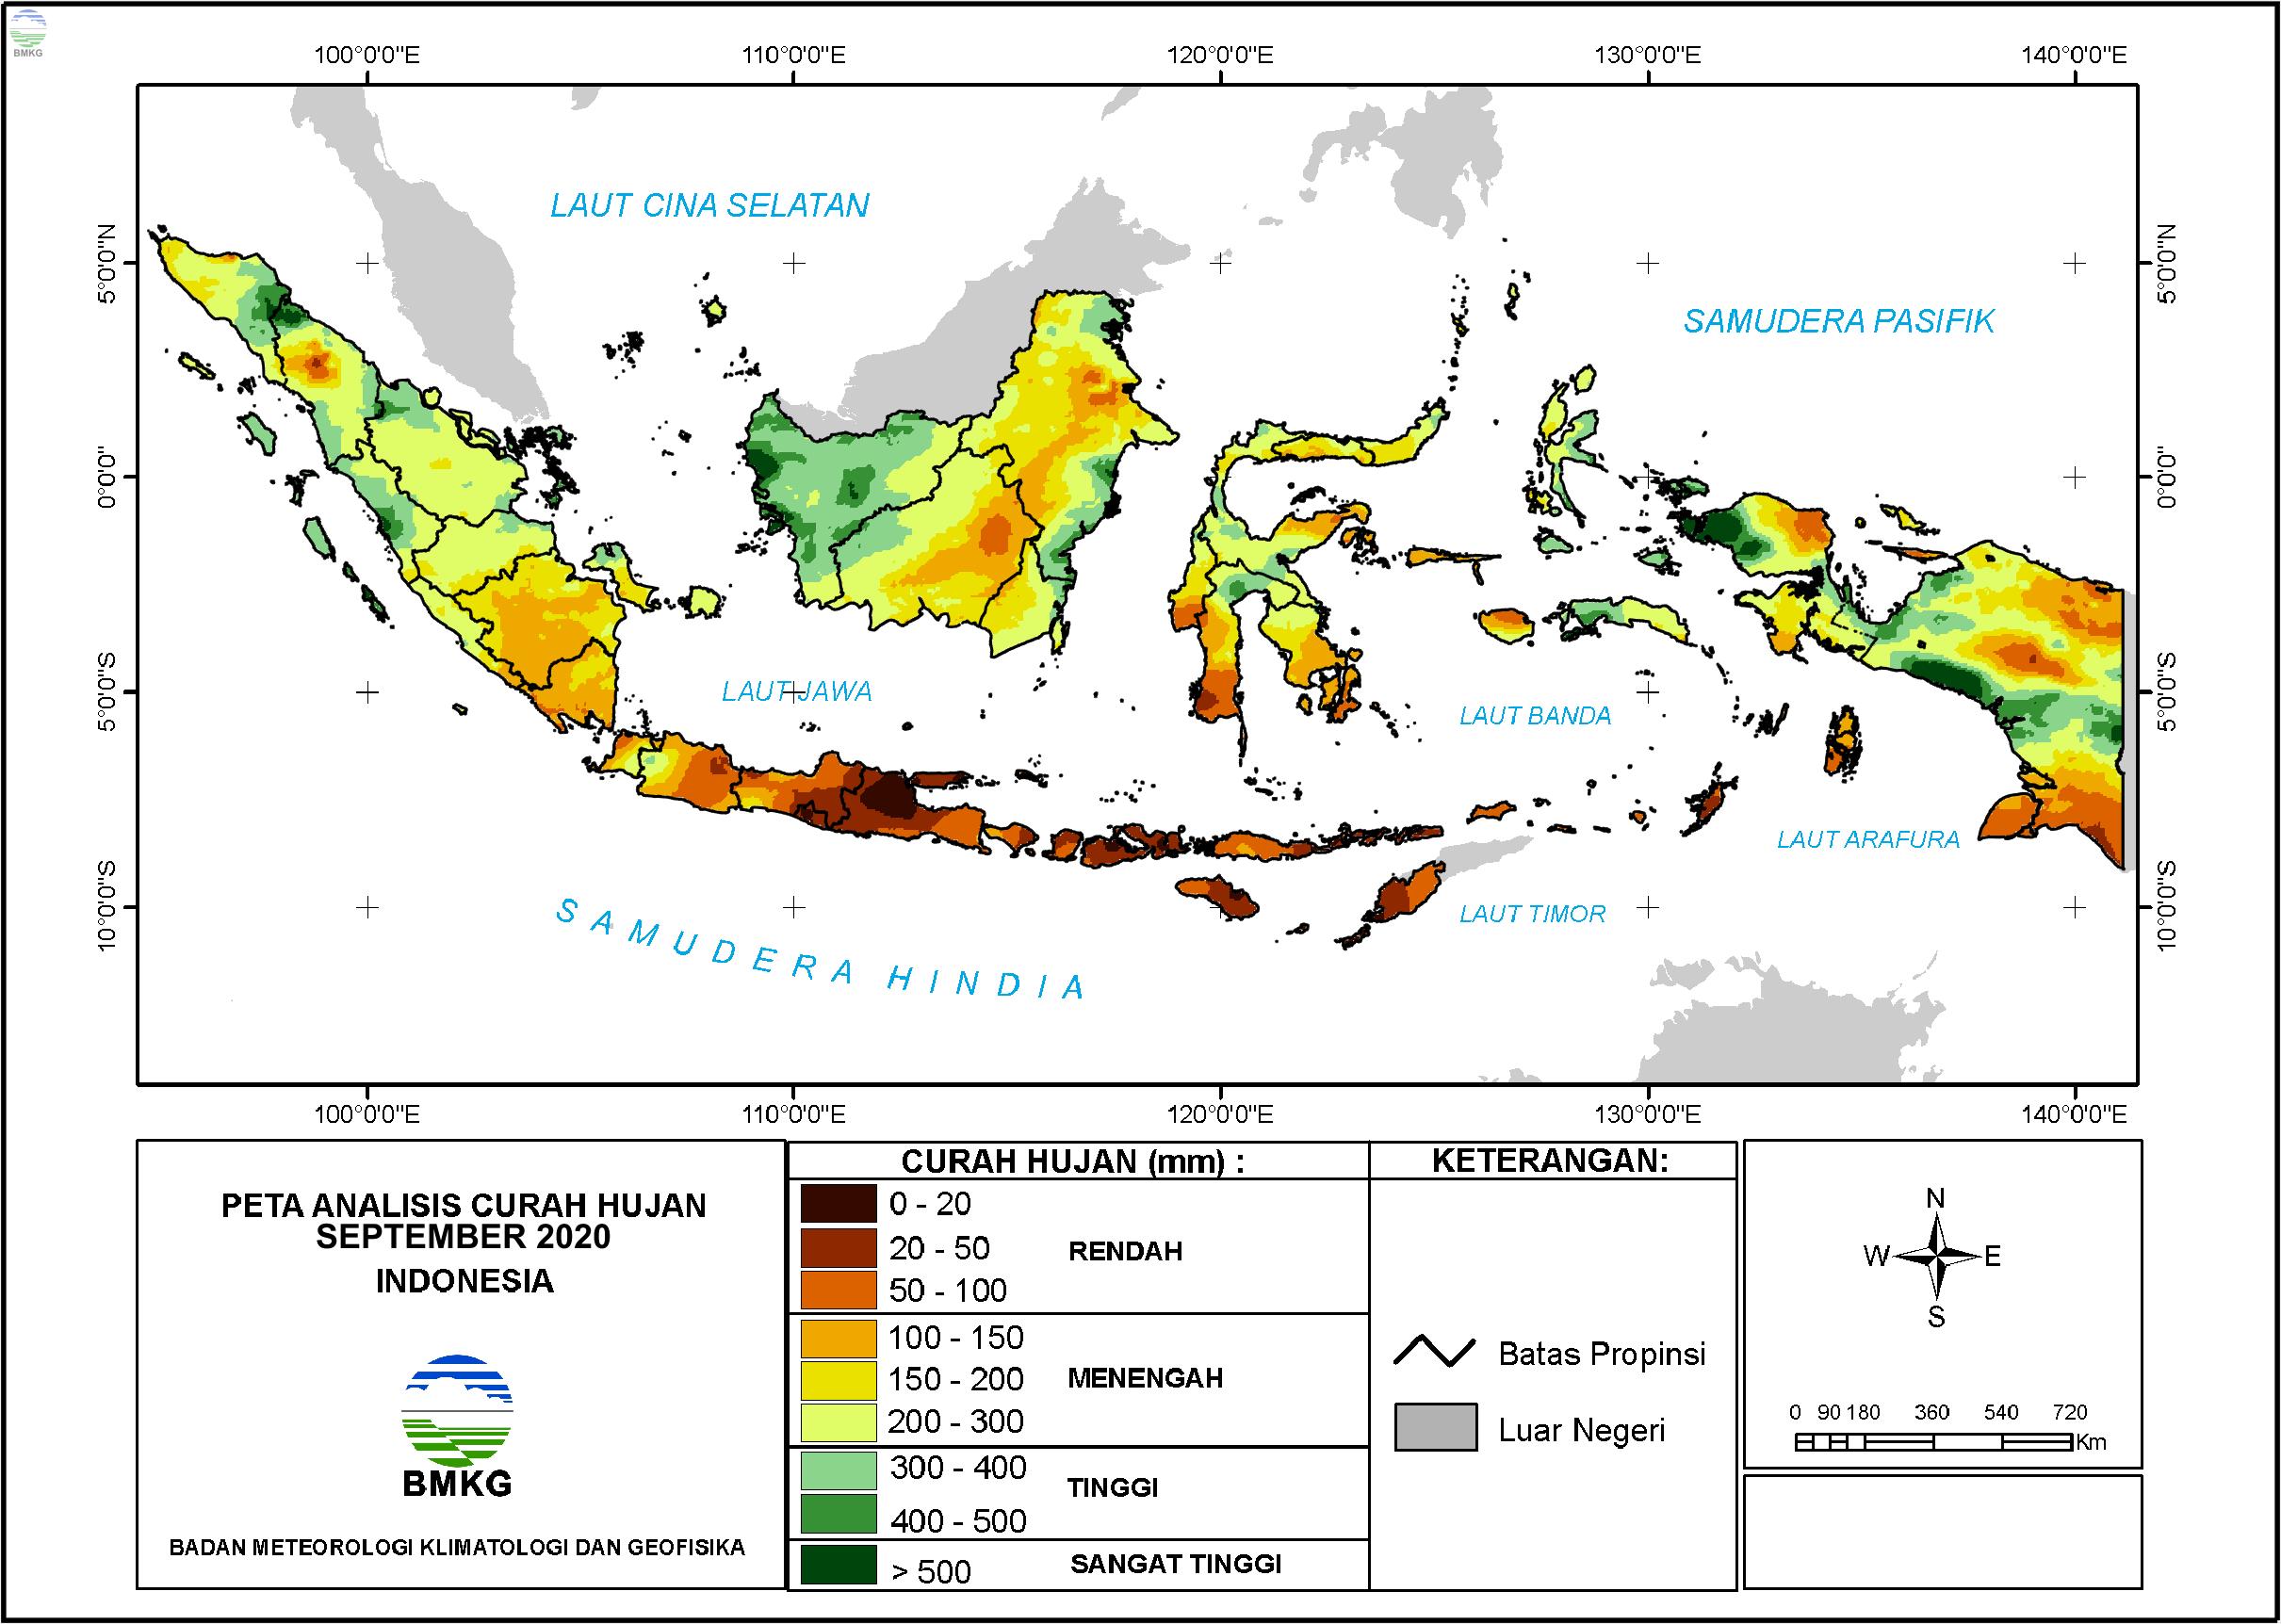 Analisis Curah Hujan dan Sifat Hujan September 2020